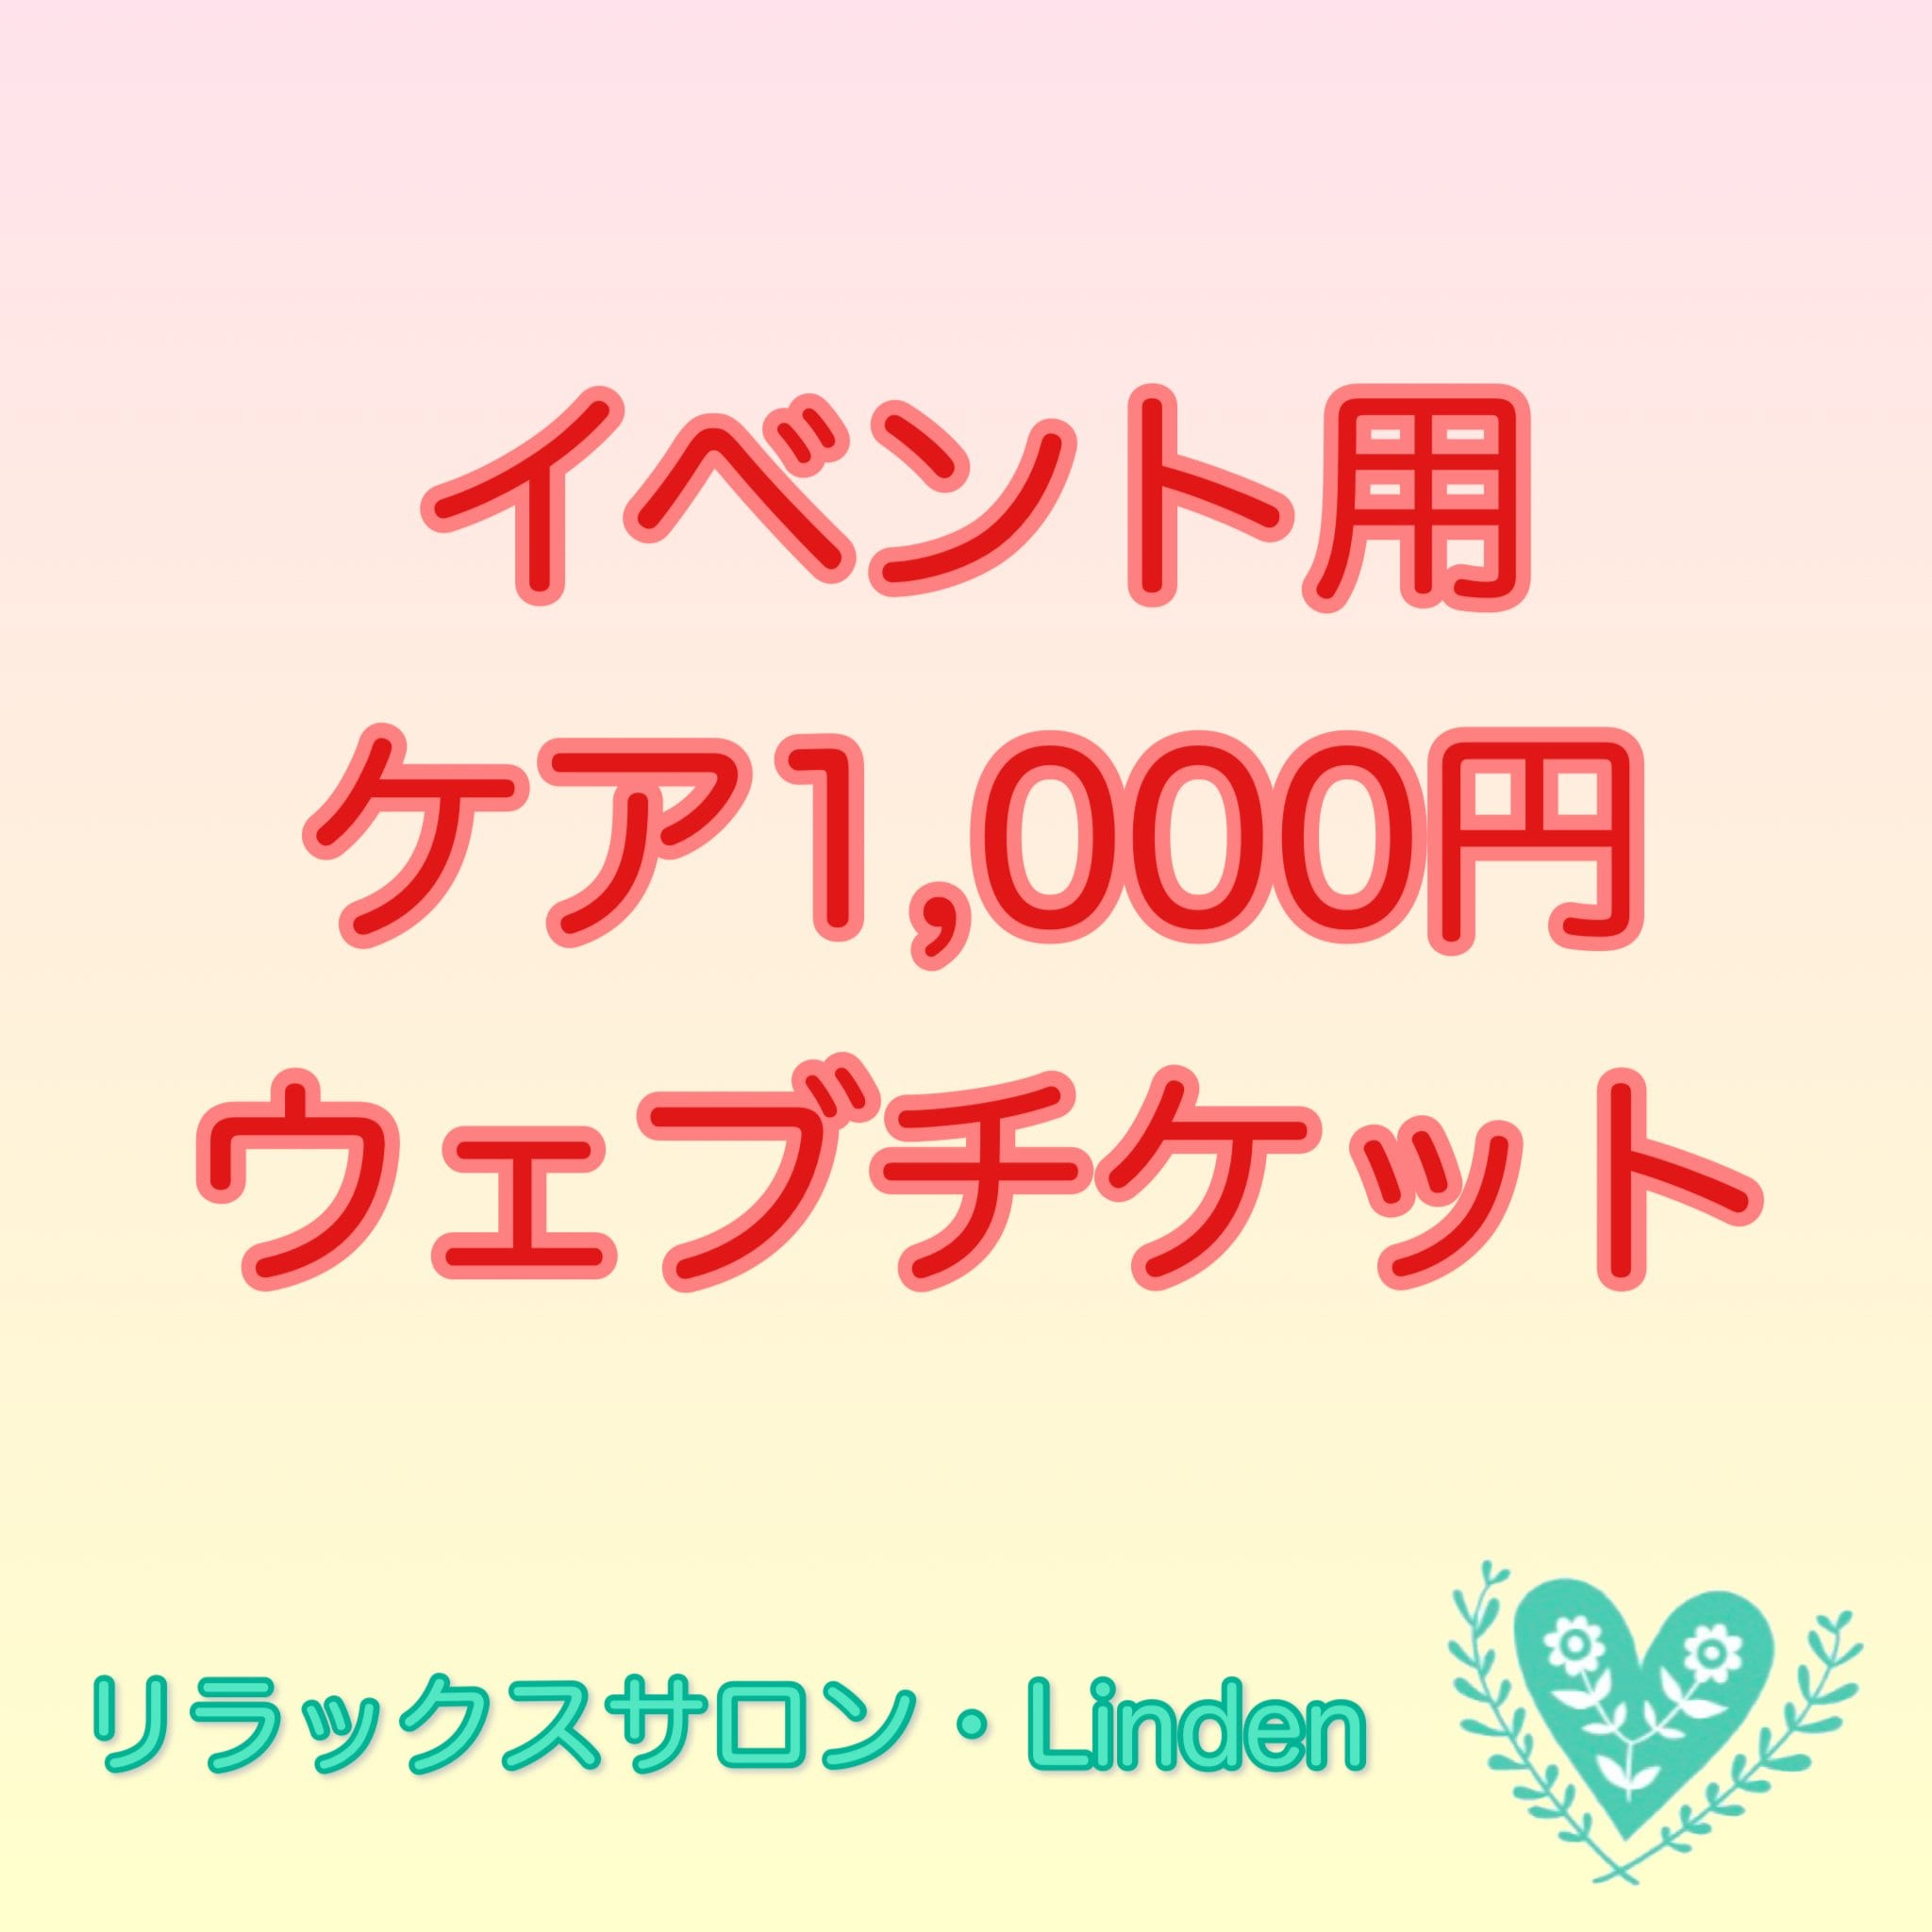 【イベント用ケア】1,000円ウェブチケットのイメージその1